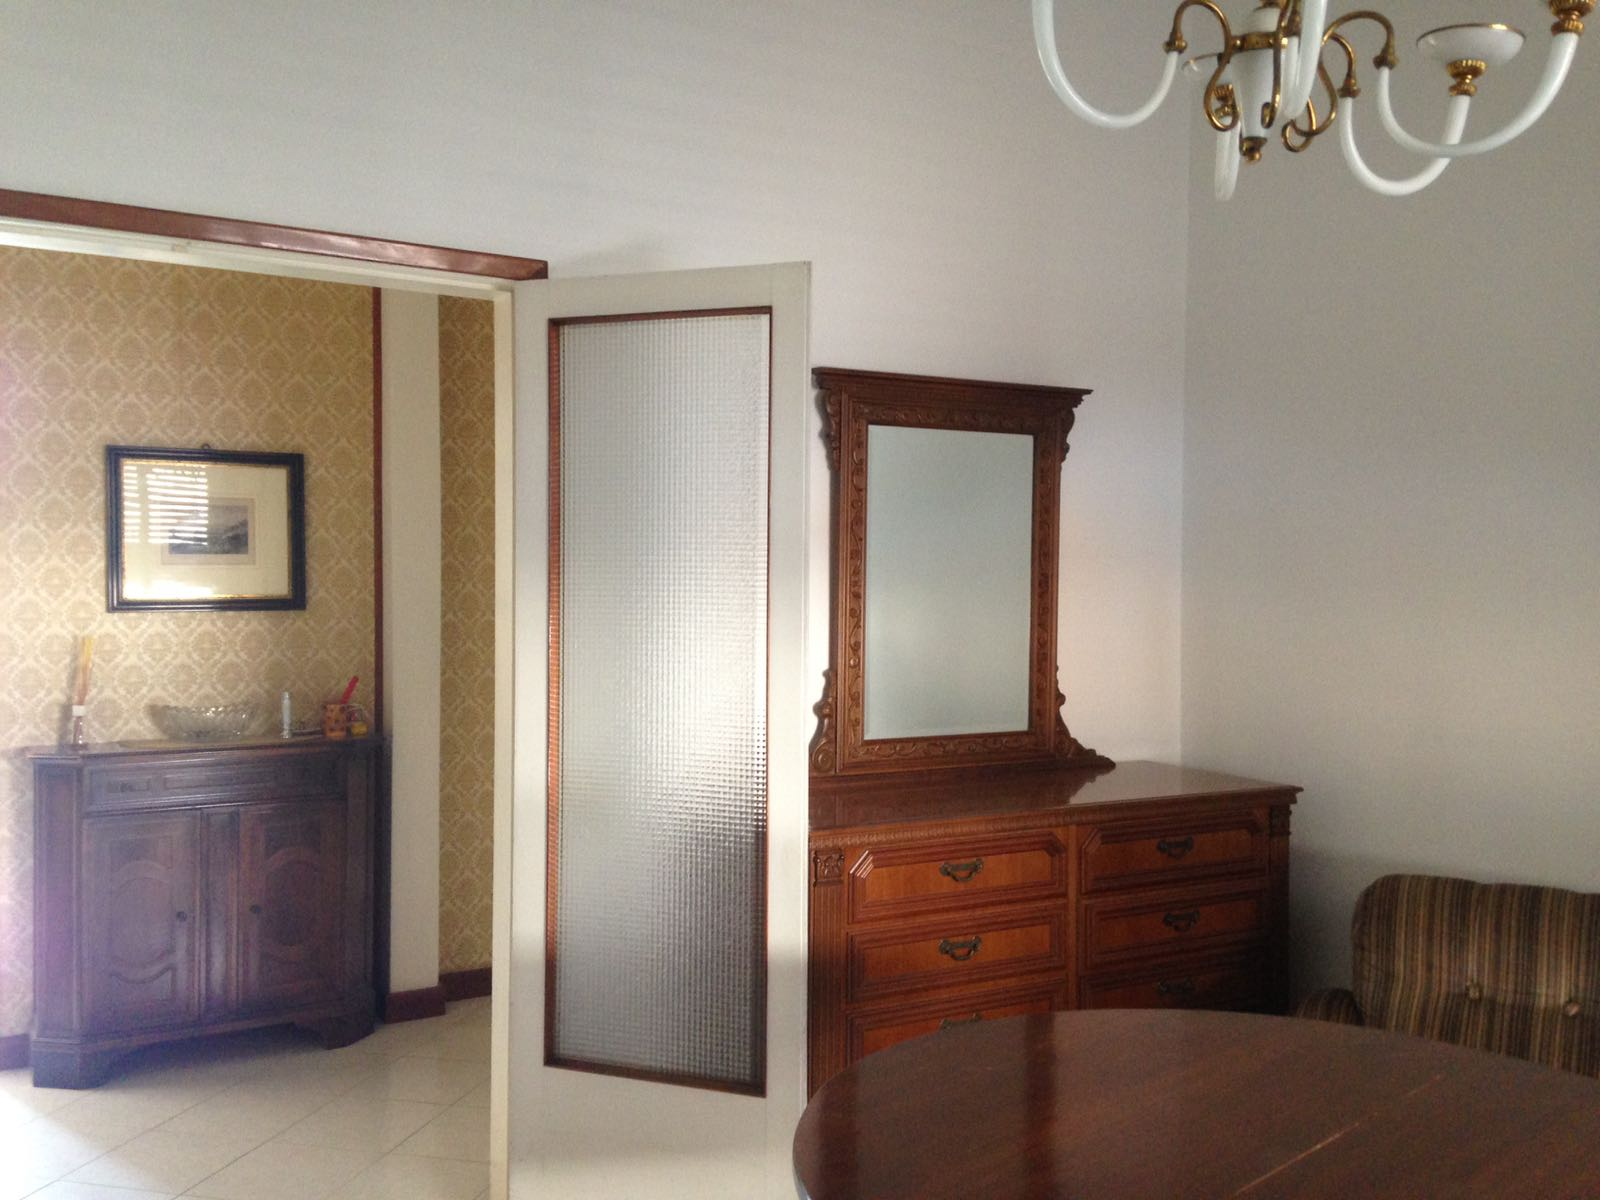 Soluzione Indipendente in affitto a Empoli, 4 locali, zona Località: Centro, prezzo € 650 | Cambio Casa.it